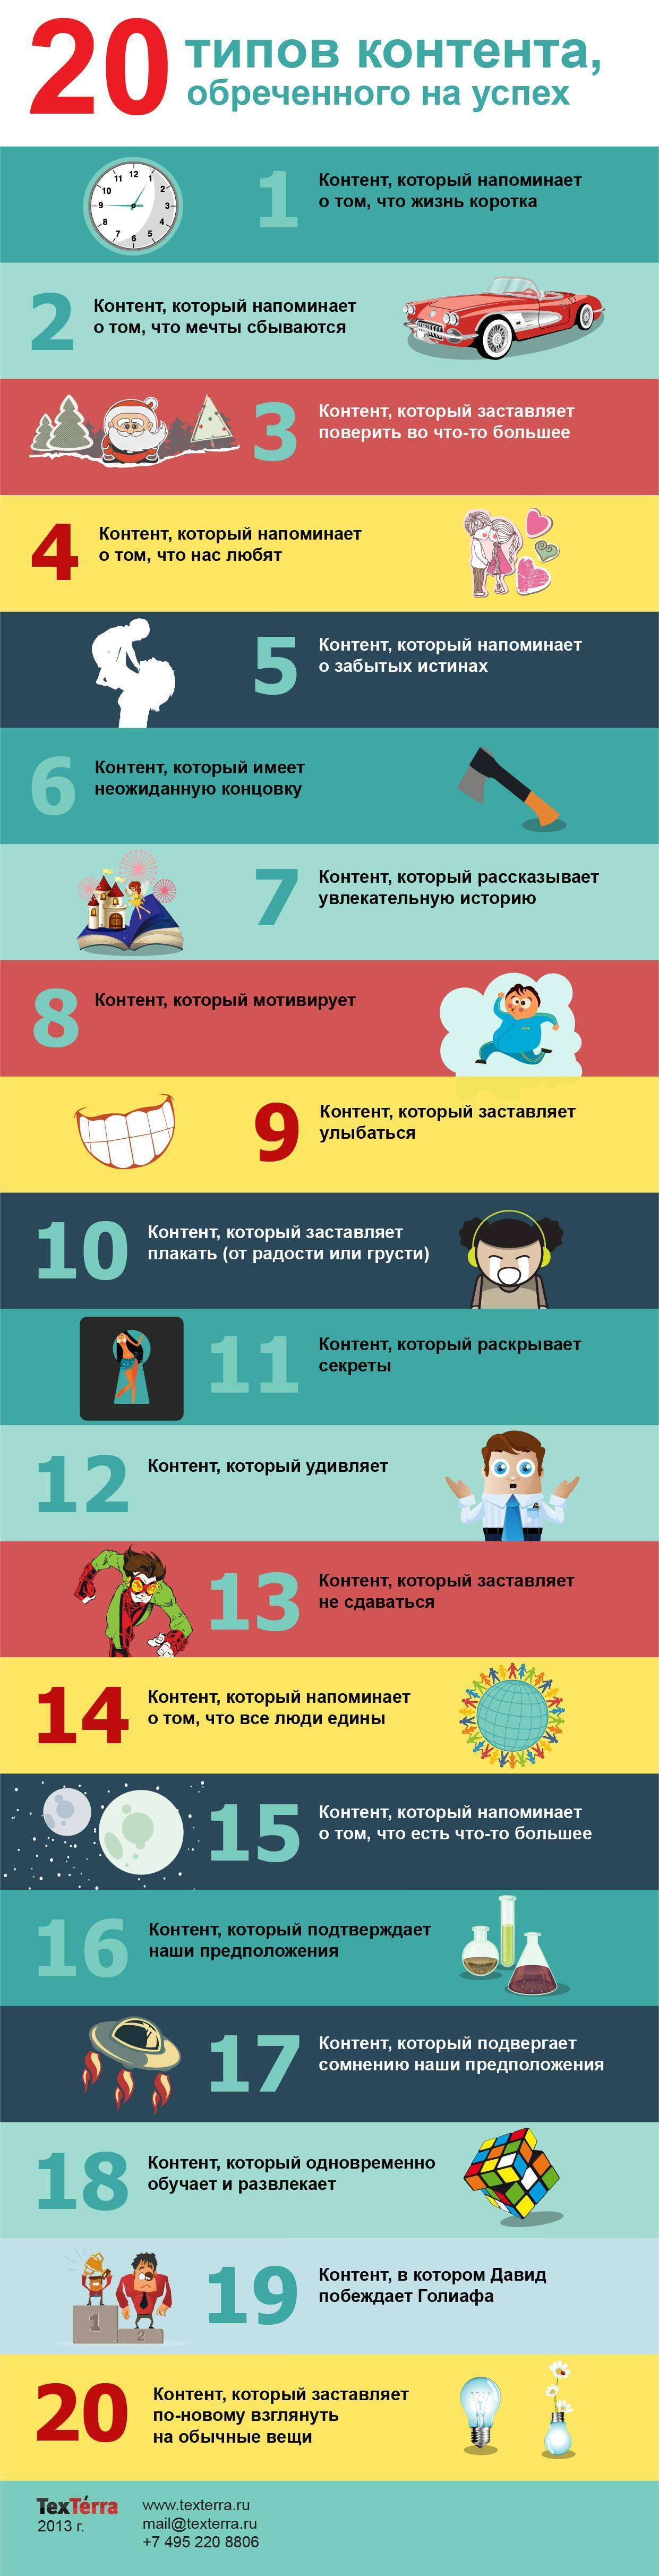 20 типів контенту, приреченого на успіх (інфографіка)